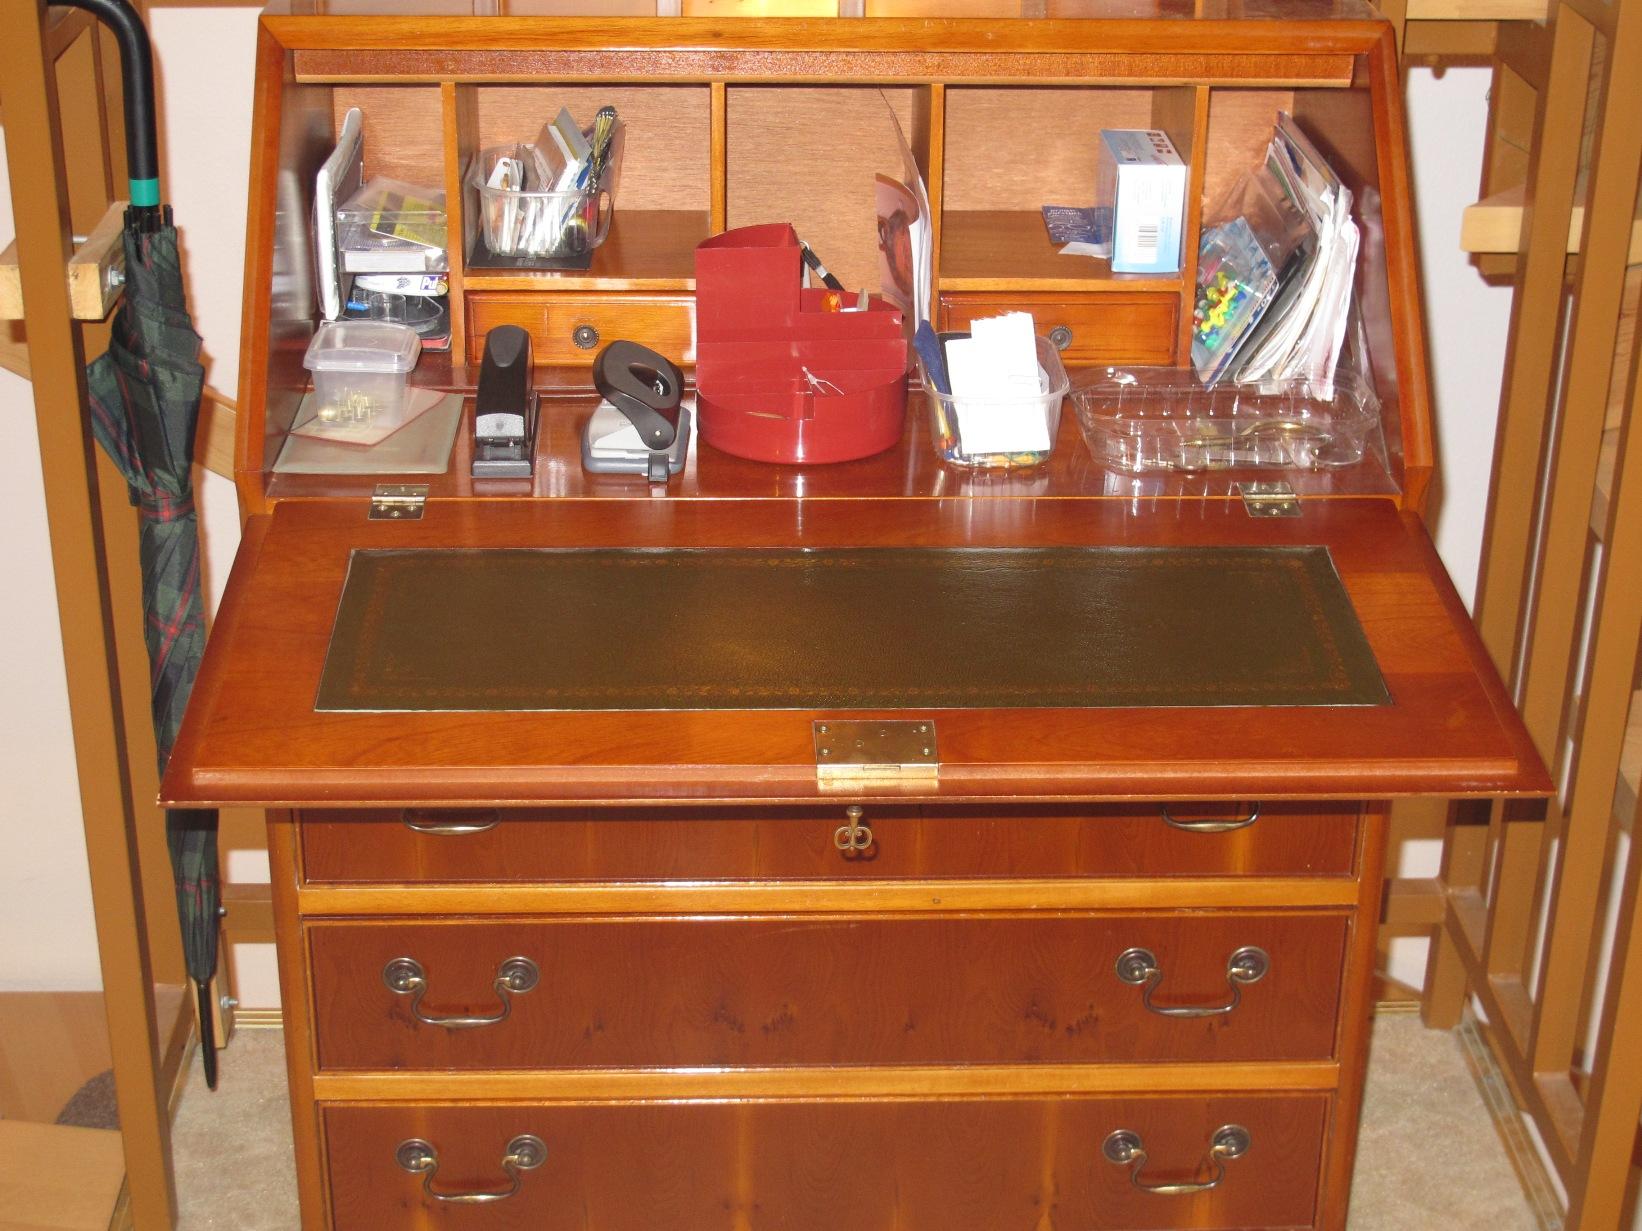 sch ner sekret r 95x75x43 cm schreibtischschrank abschlie bar holz b roschrank ebay. Black Bedroom Furniture Sets. Home Design Ideas